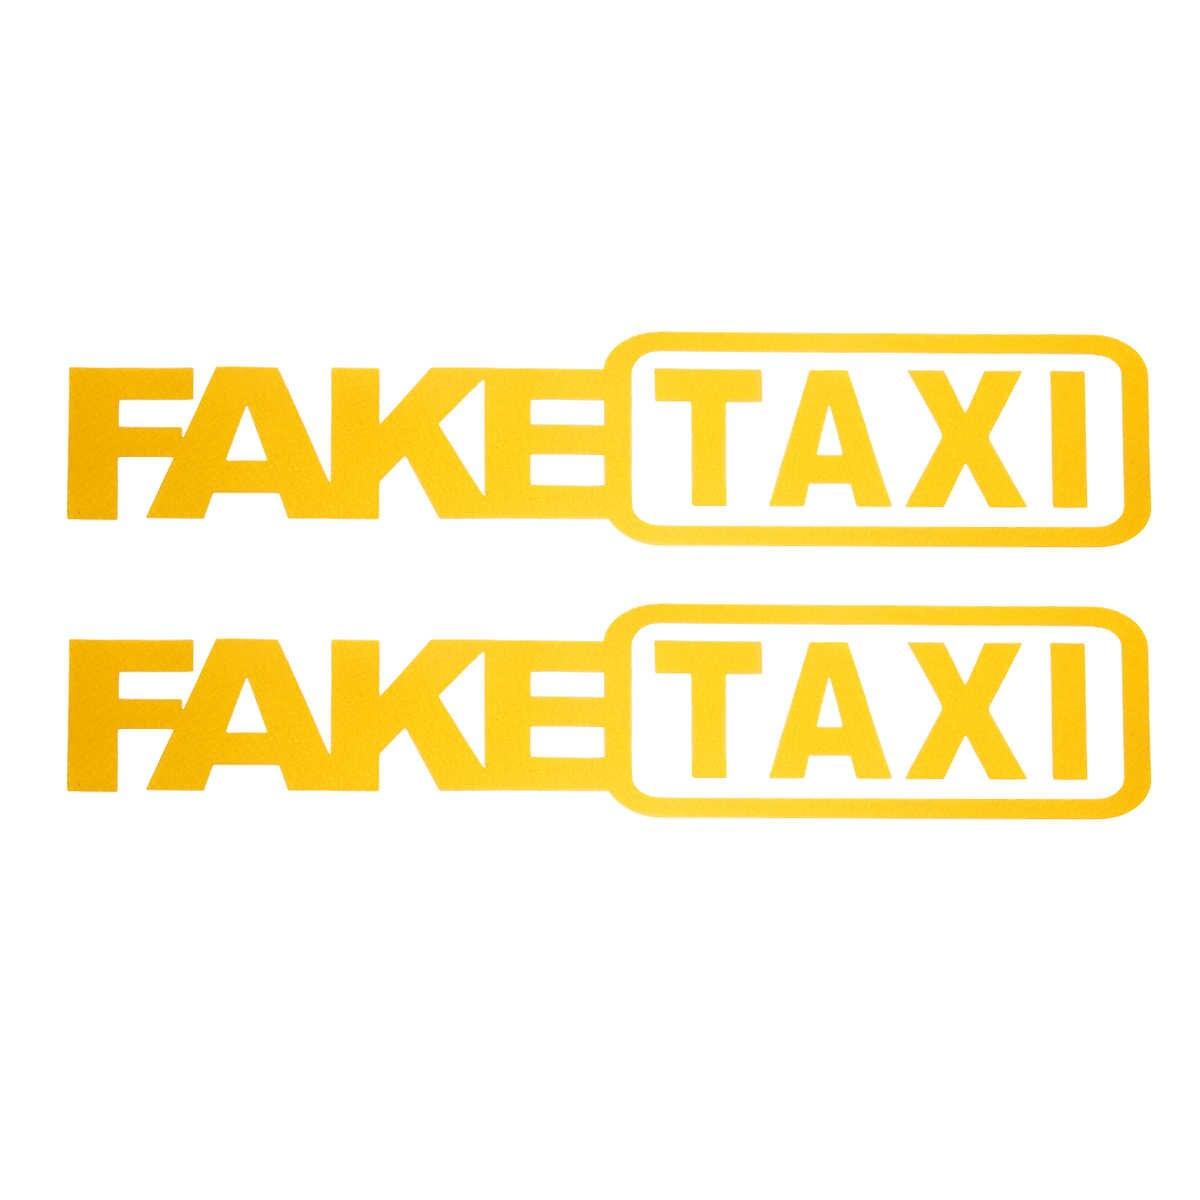 Универсальные 2 шт Поддельные такси наклейки автомобиля наклейка эмблема самоклеющиеся клейкие виниловые наклейки для автомобиля грузовика